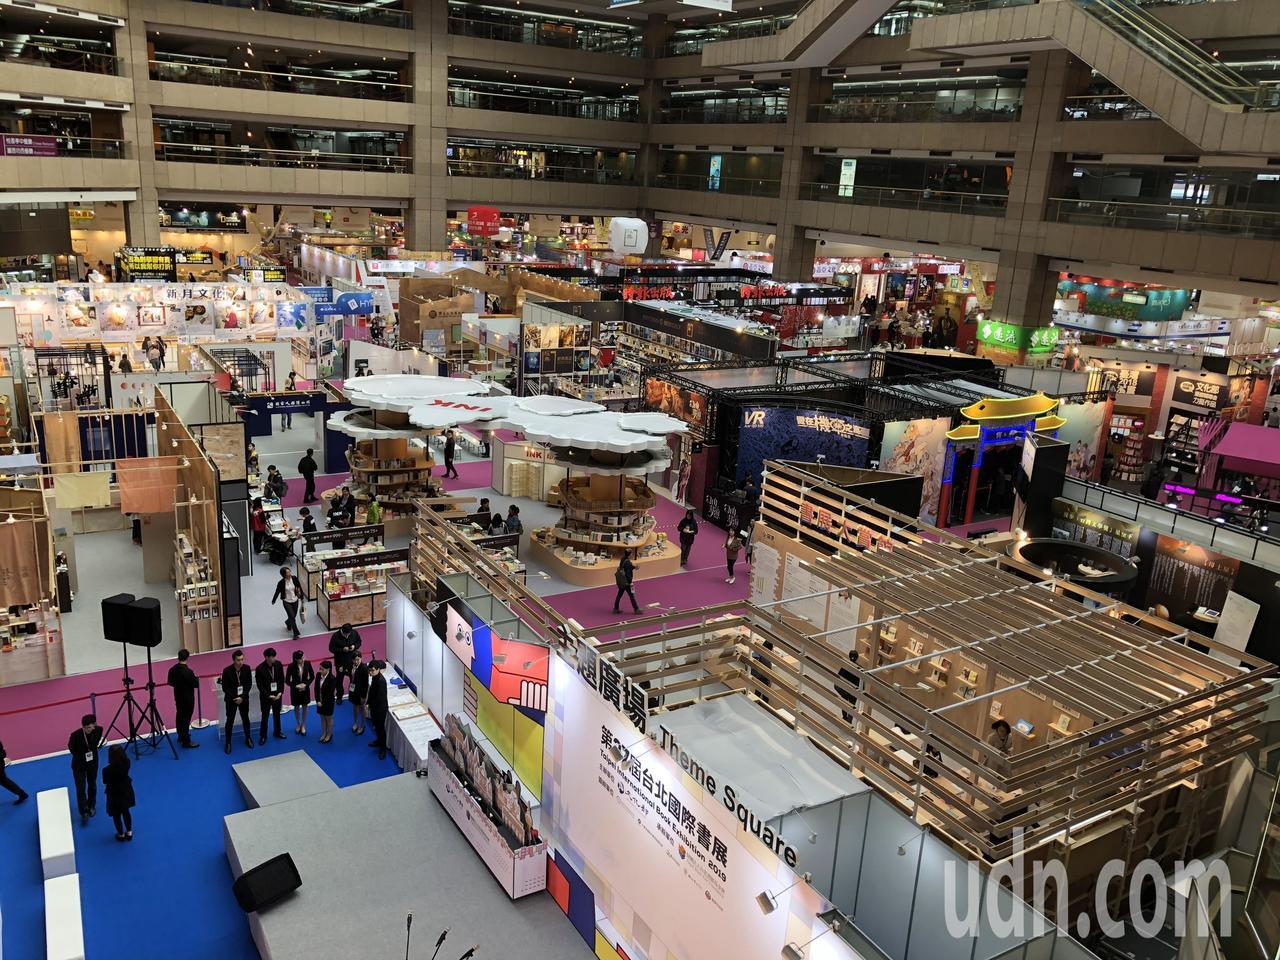 台灣出版產業狀況一直是藝文圈關注焦點。圖為今年台北國際書展現況。記者何定照/攝影